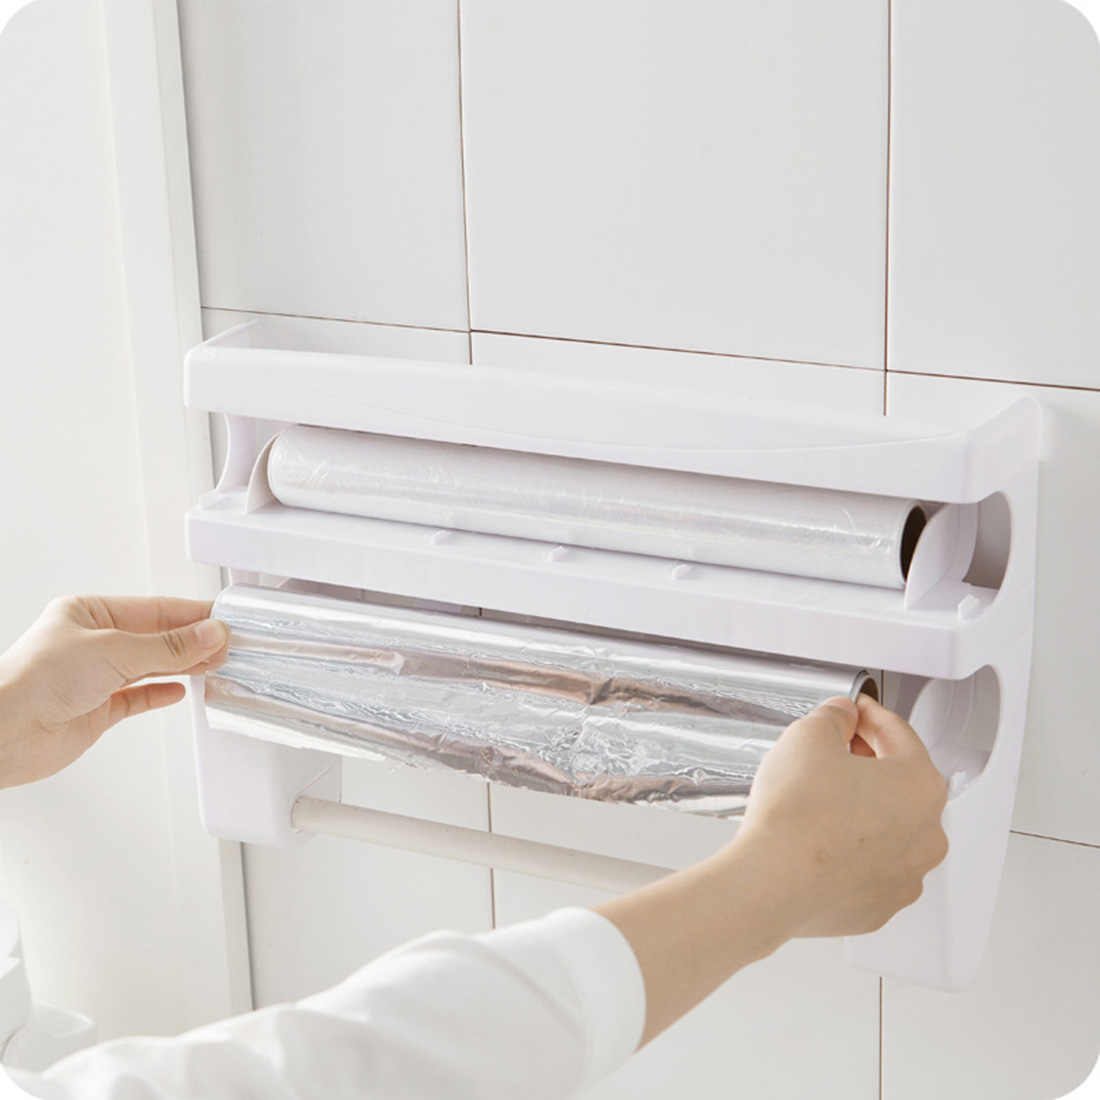 Pellicola trasparente Taglierina di Plastica Alimentare Wrap Dispenser Multifunzione Contenitori e complementi per Cucina cremagliera Porta Rotolo Foglio Di tovagliolo Di carta in Rotolo Di carta Mensola-bianco